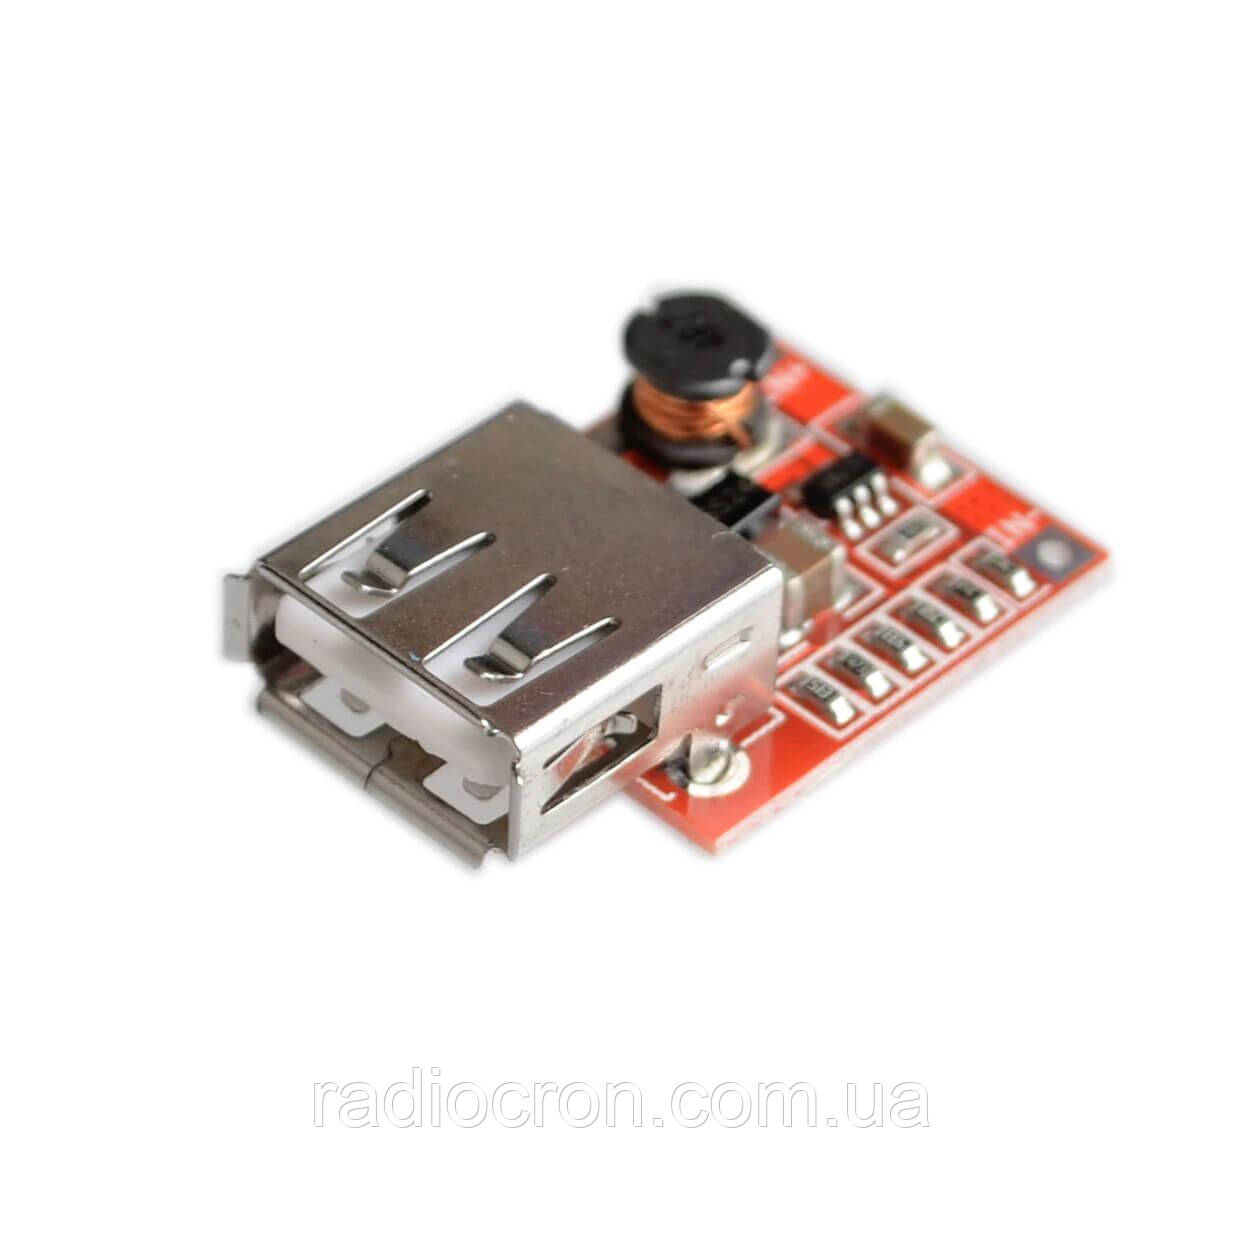 Підвищуючий перетворювач USB, 3-5В, 1.5 A